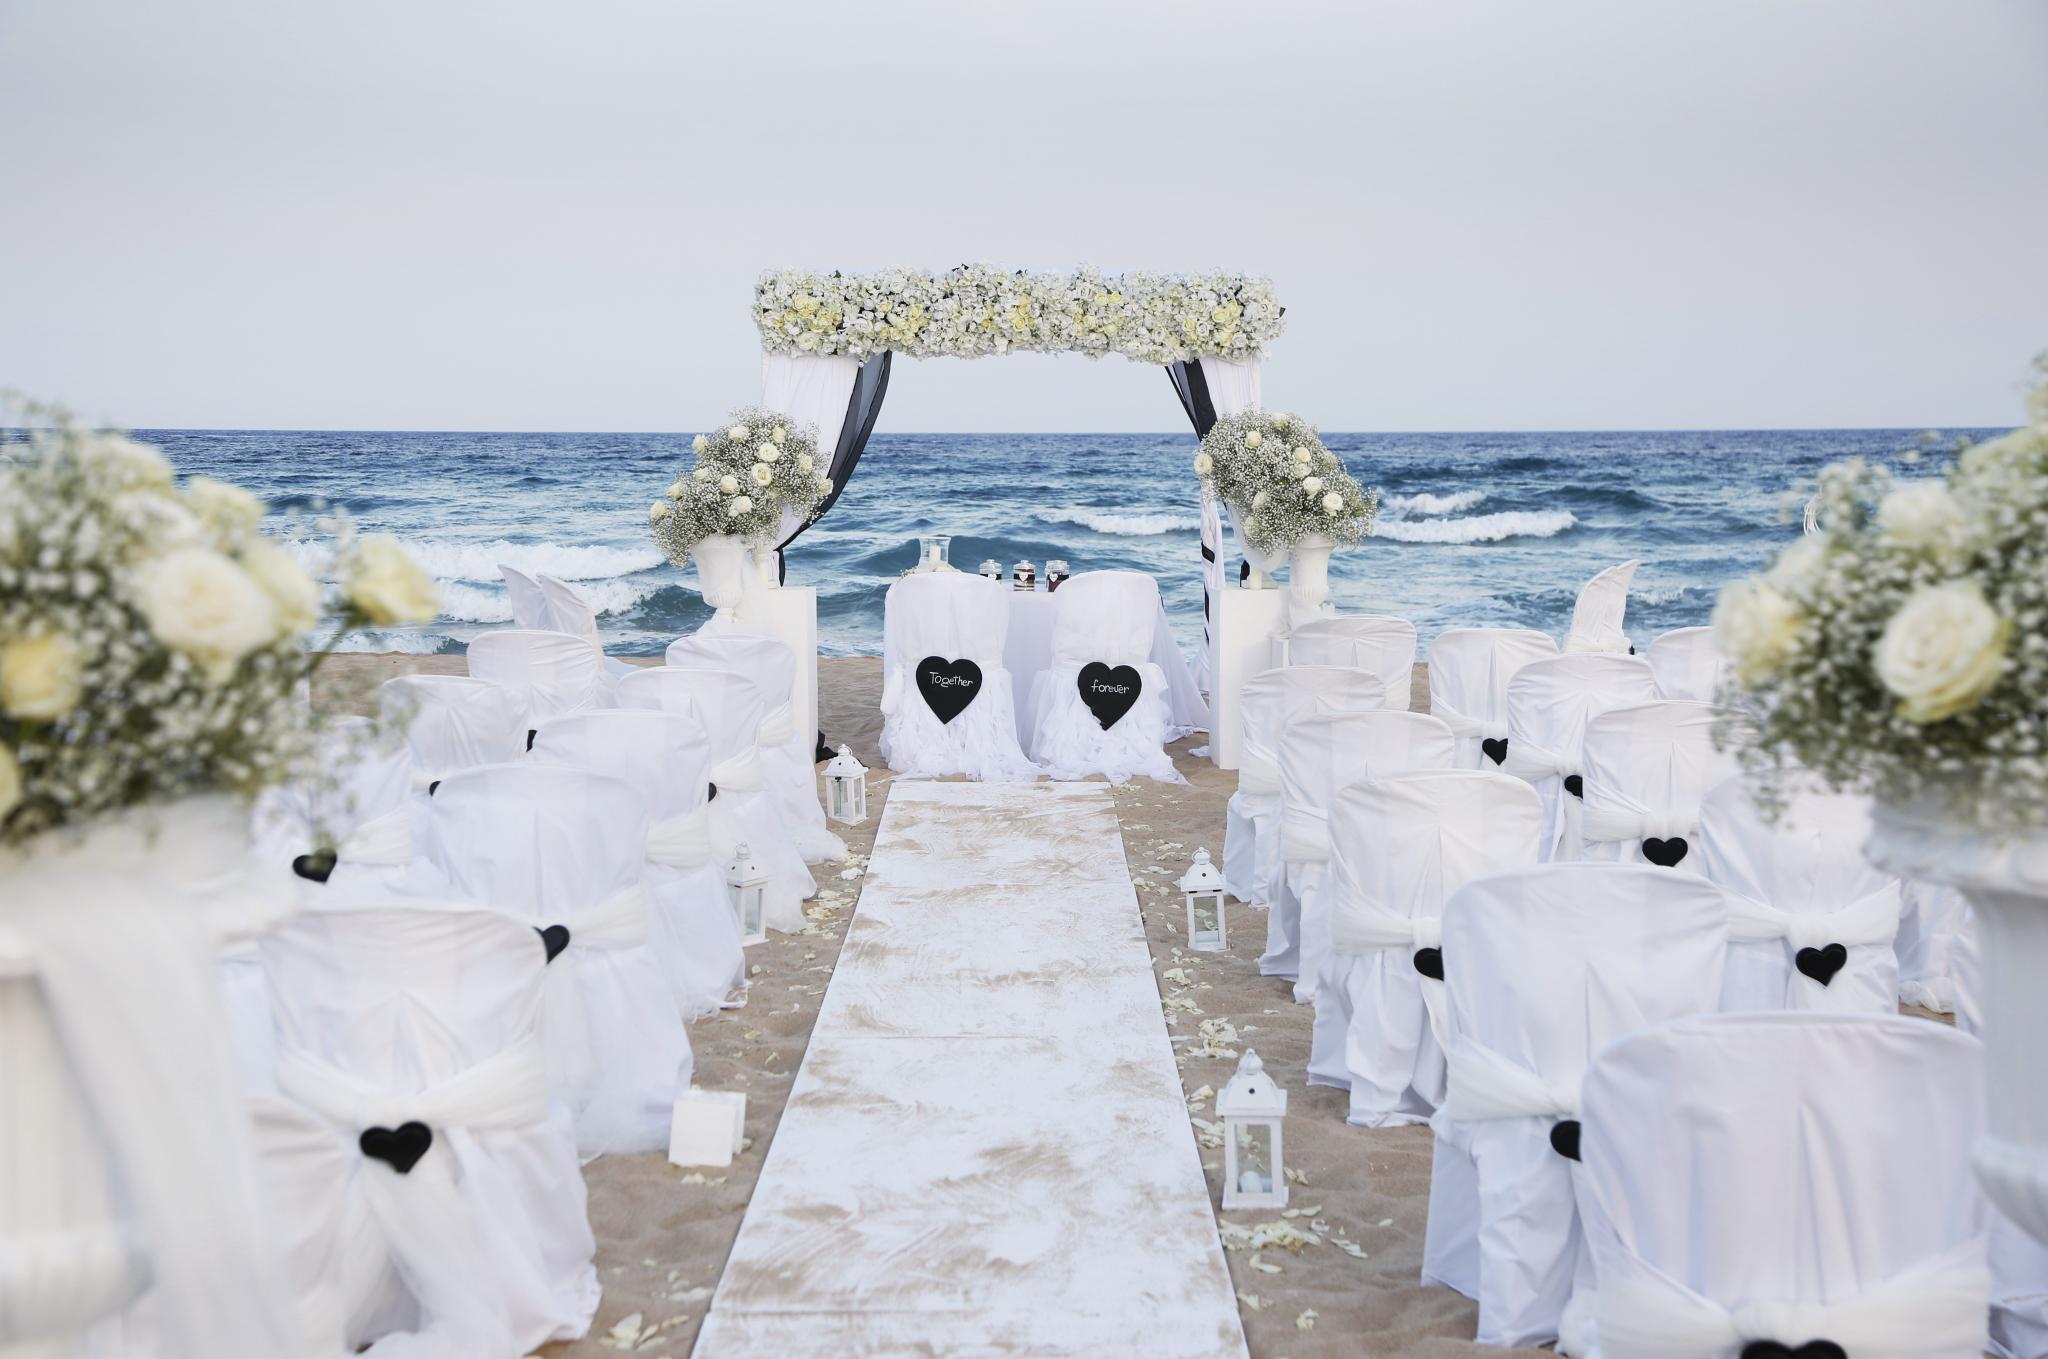 Matrimonio Tema Sardegna : Magici scenari dove dire sì sardegnaturismo sito ufficiale del